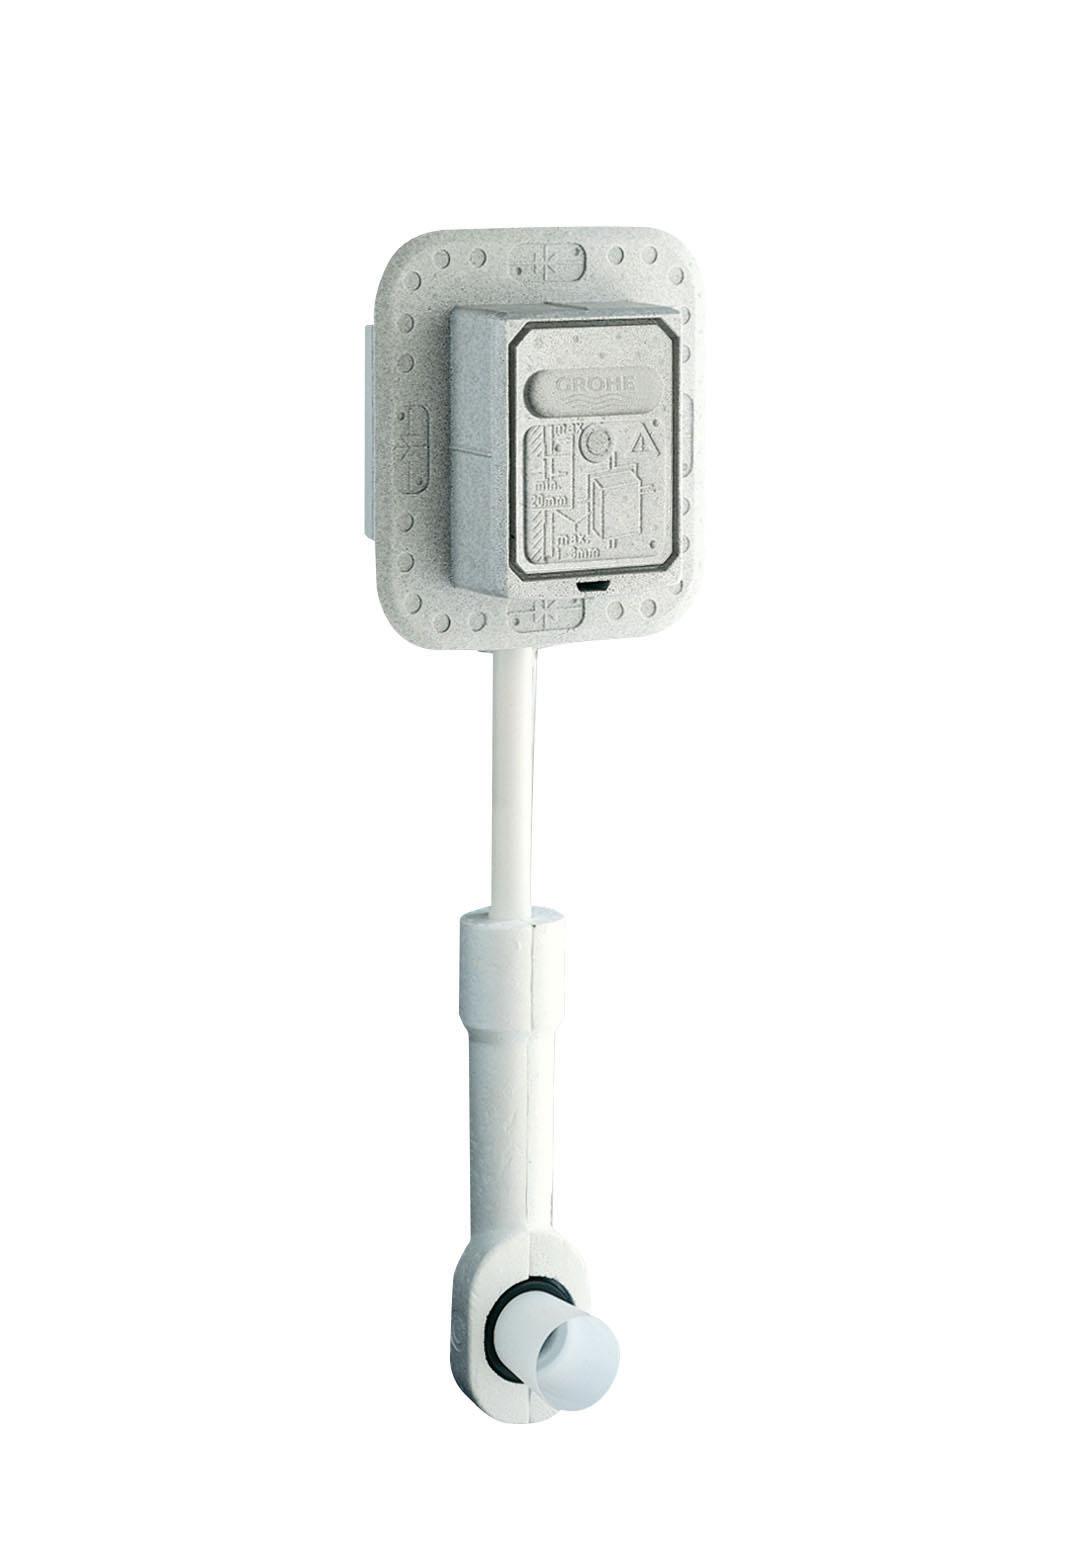 Смывное устройство под давлением для унитаза Grohe 37153000